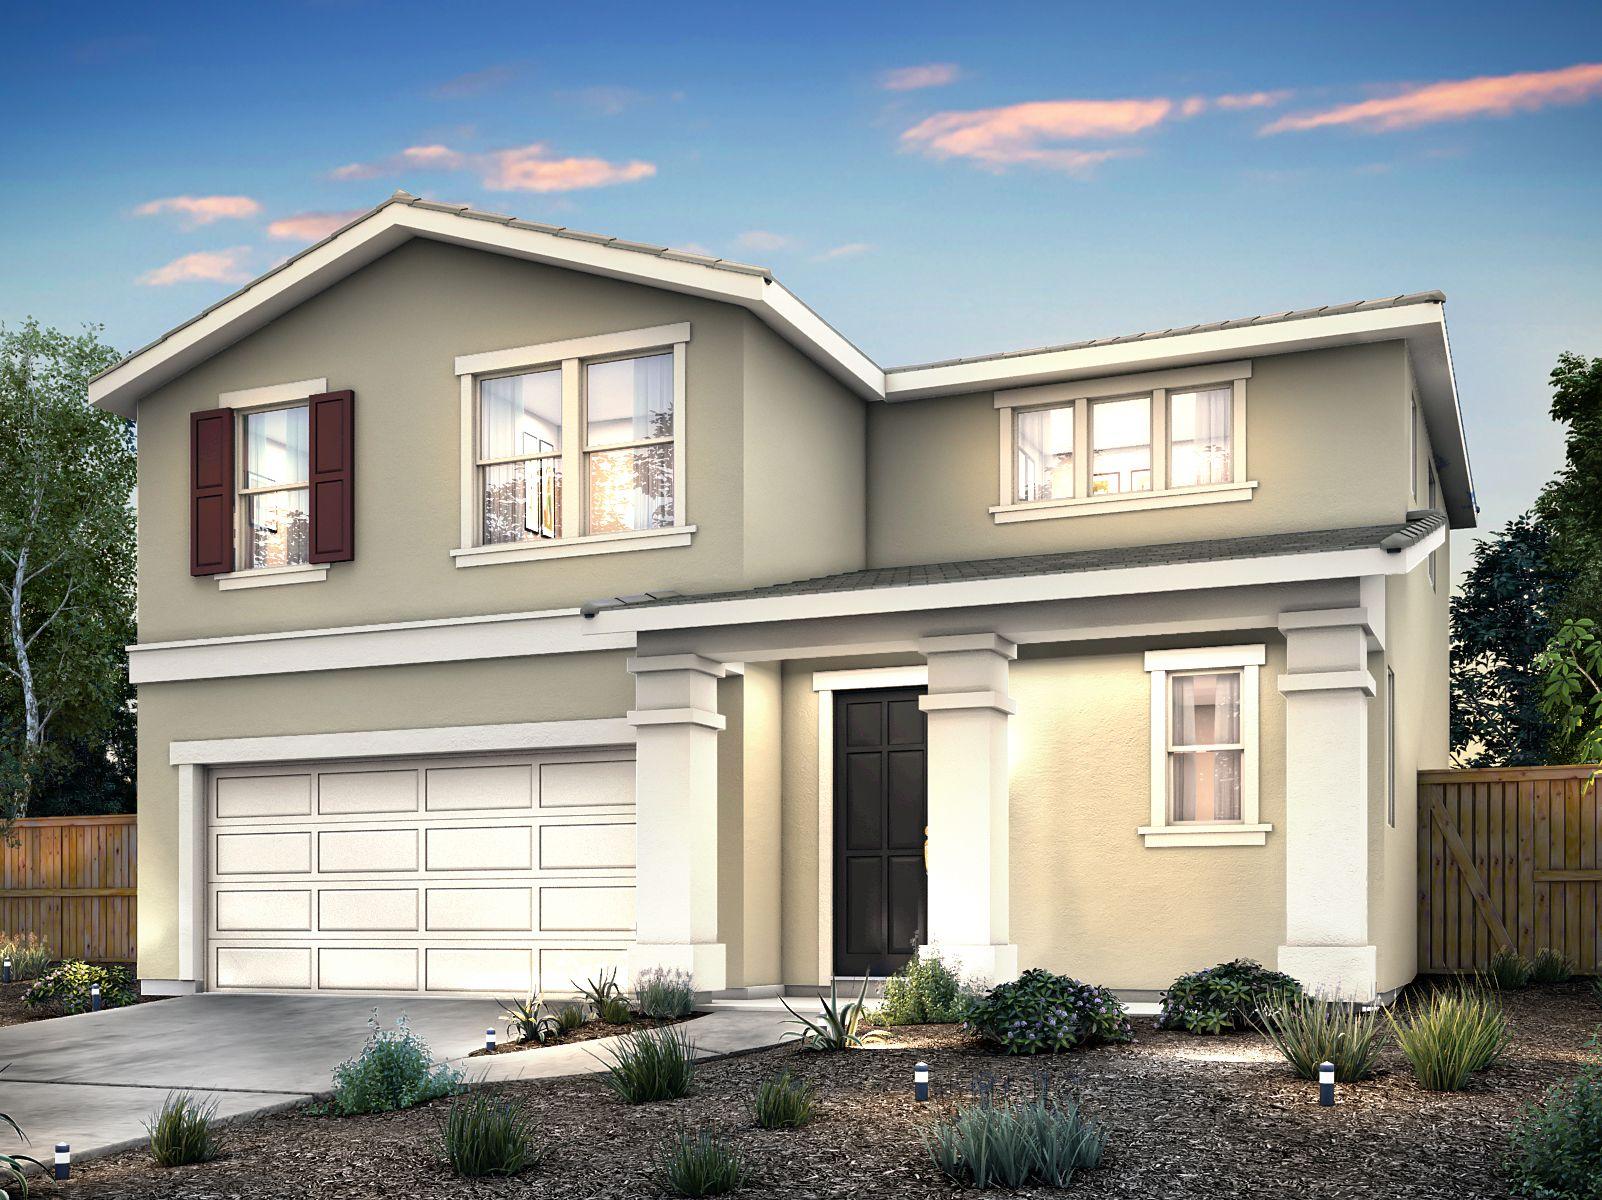 Casas nuevas en los angeles vea 313 casas nuevas para la - Casas nuevas en terrassa ...